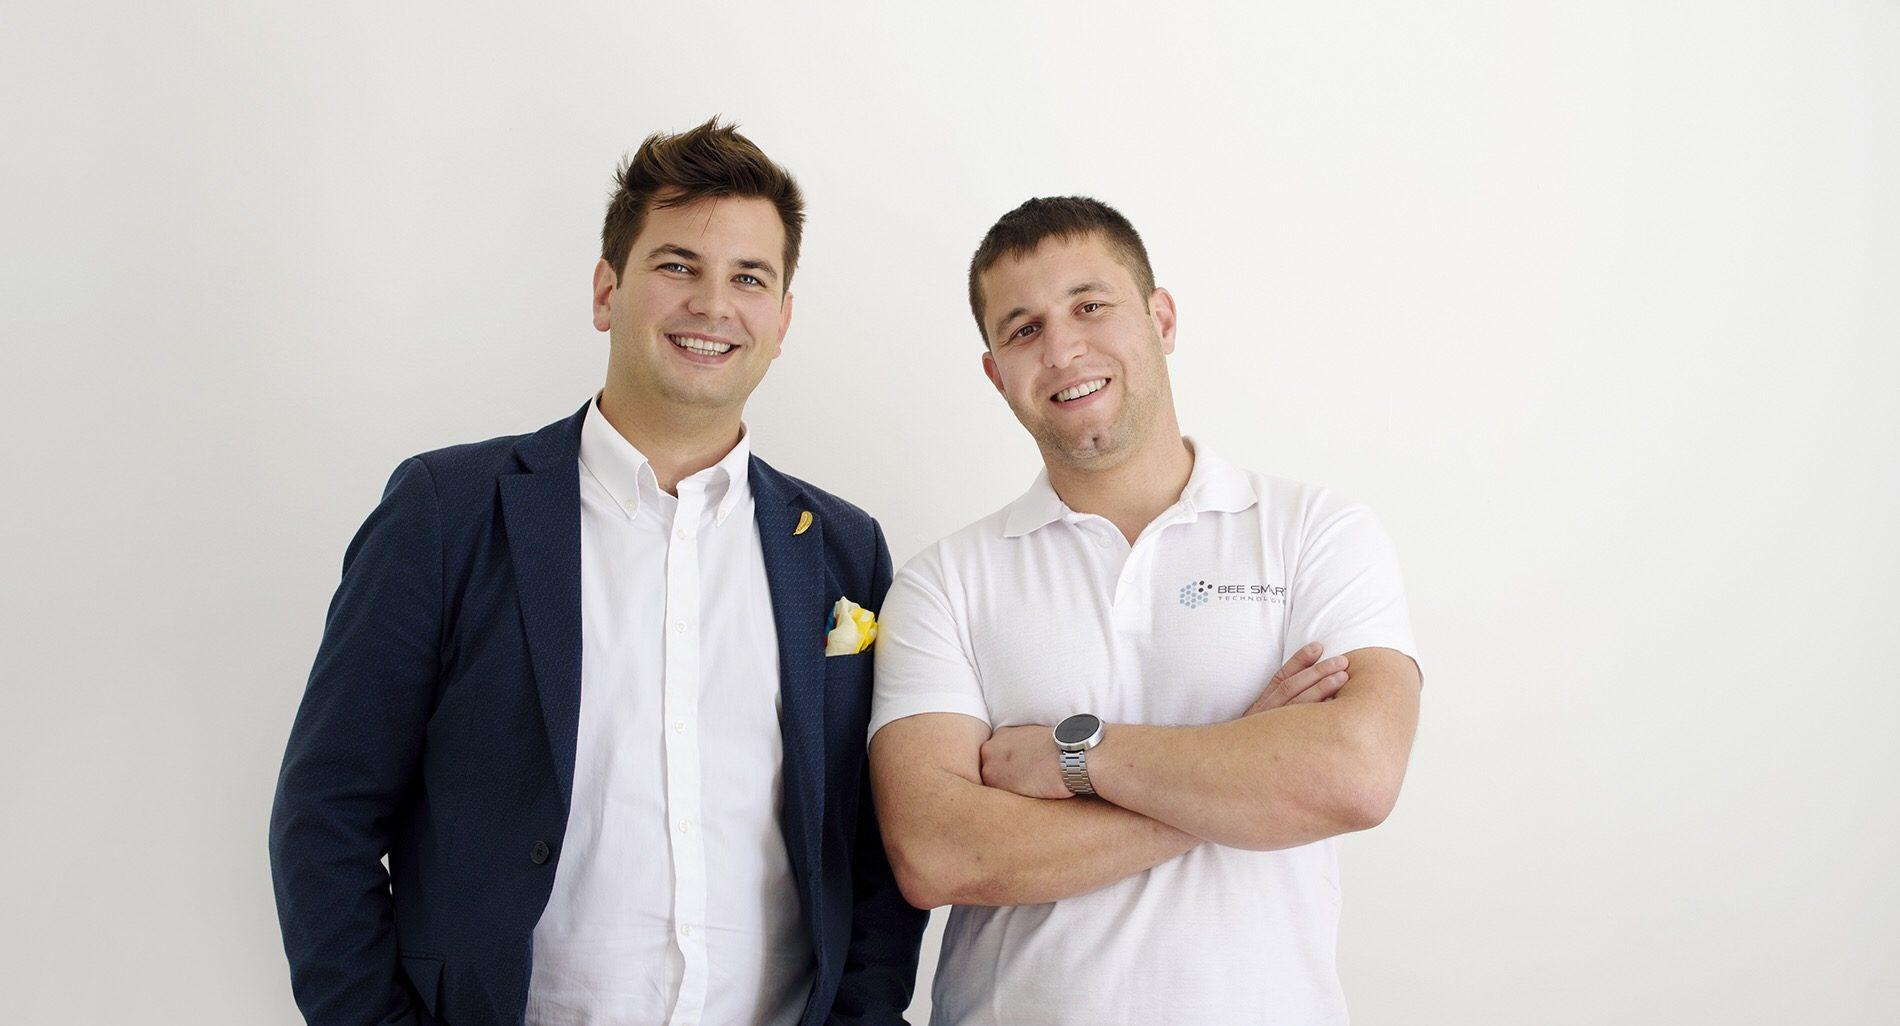 Основателите на Bee Smart Technologies Иван Кънев и Сергей Петров са решени да се борят докрай за каузата си в състезанието The Venture и разчитат на подкрепата на всички българи у нас и по света.